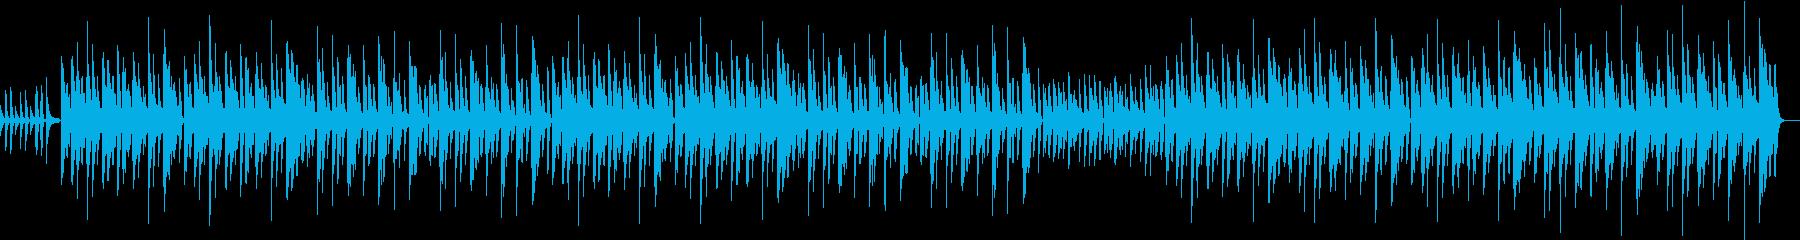 とぼけた コミカル 子供 動物 ほのぼのの再生済みの波形